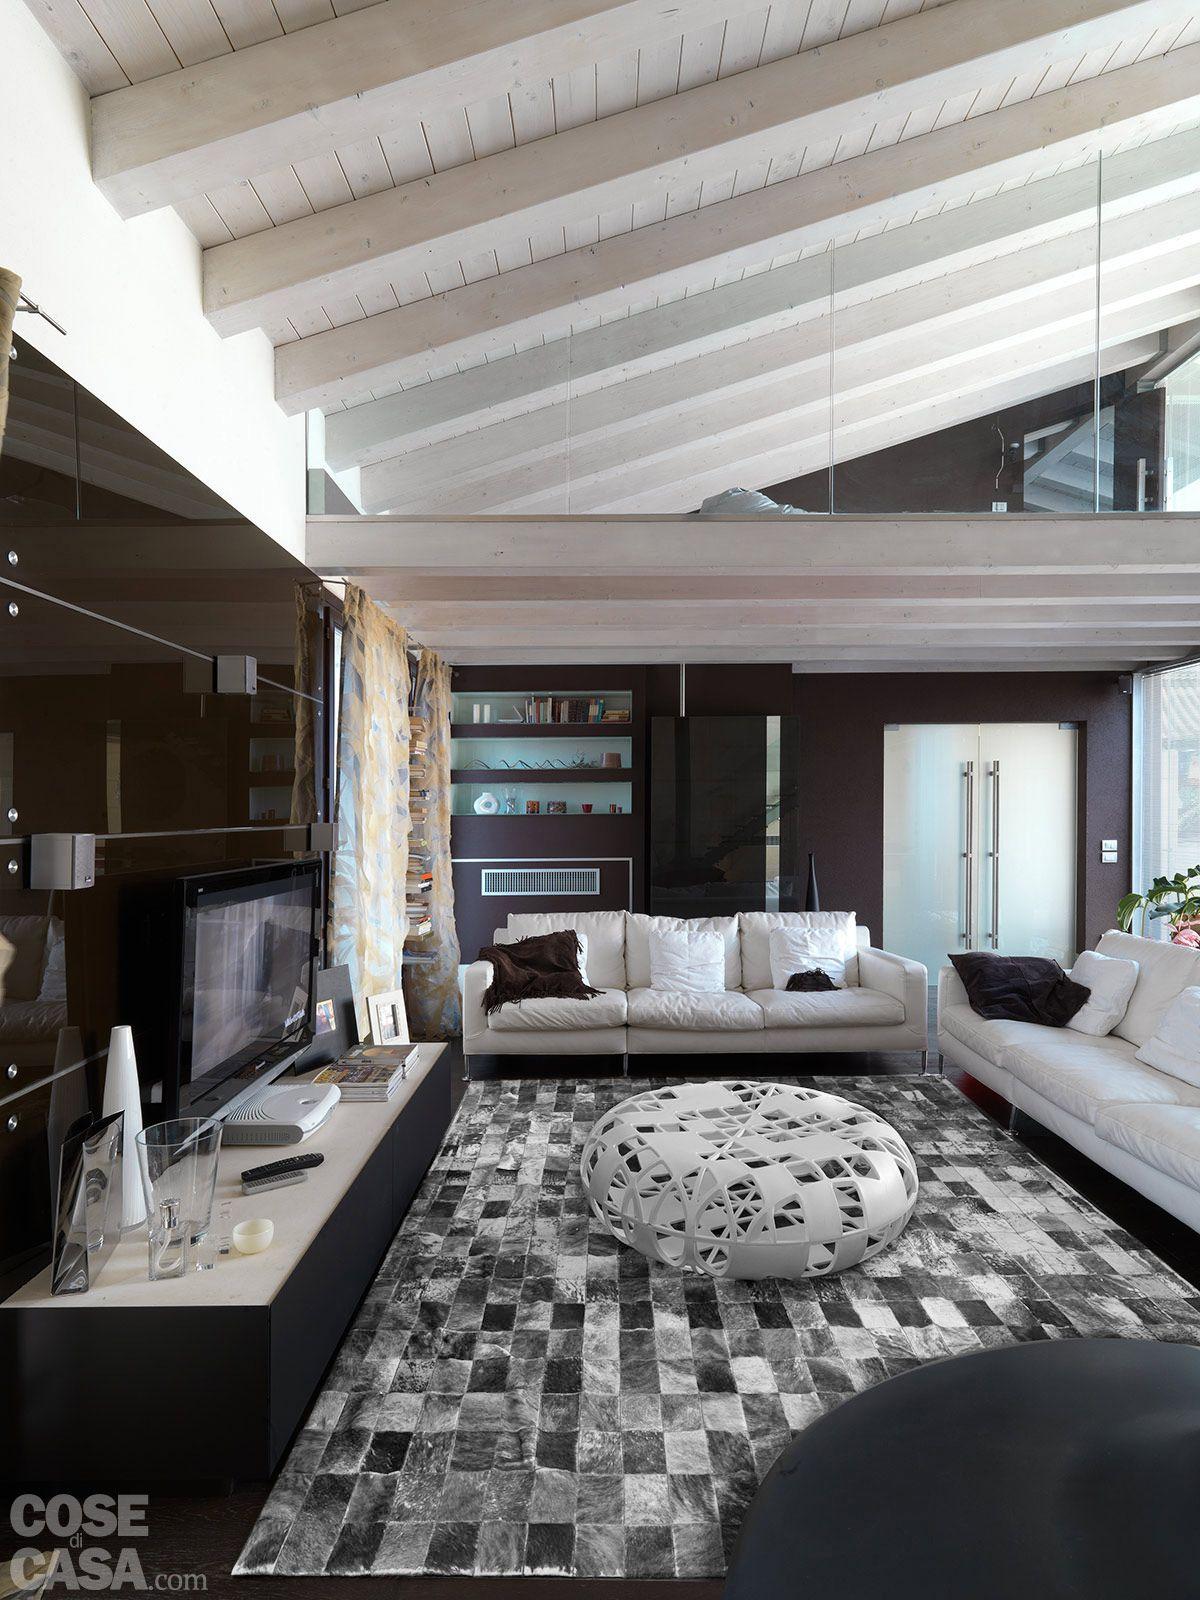 Case Arredate Con Gusto una casa con un patio centrale che illumina e collega